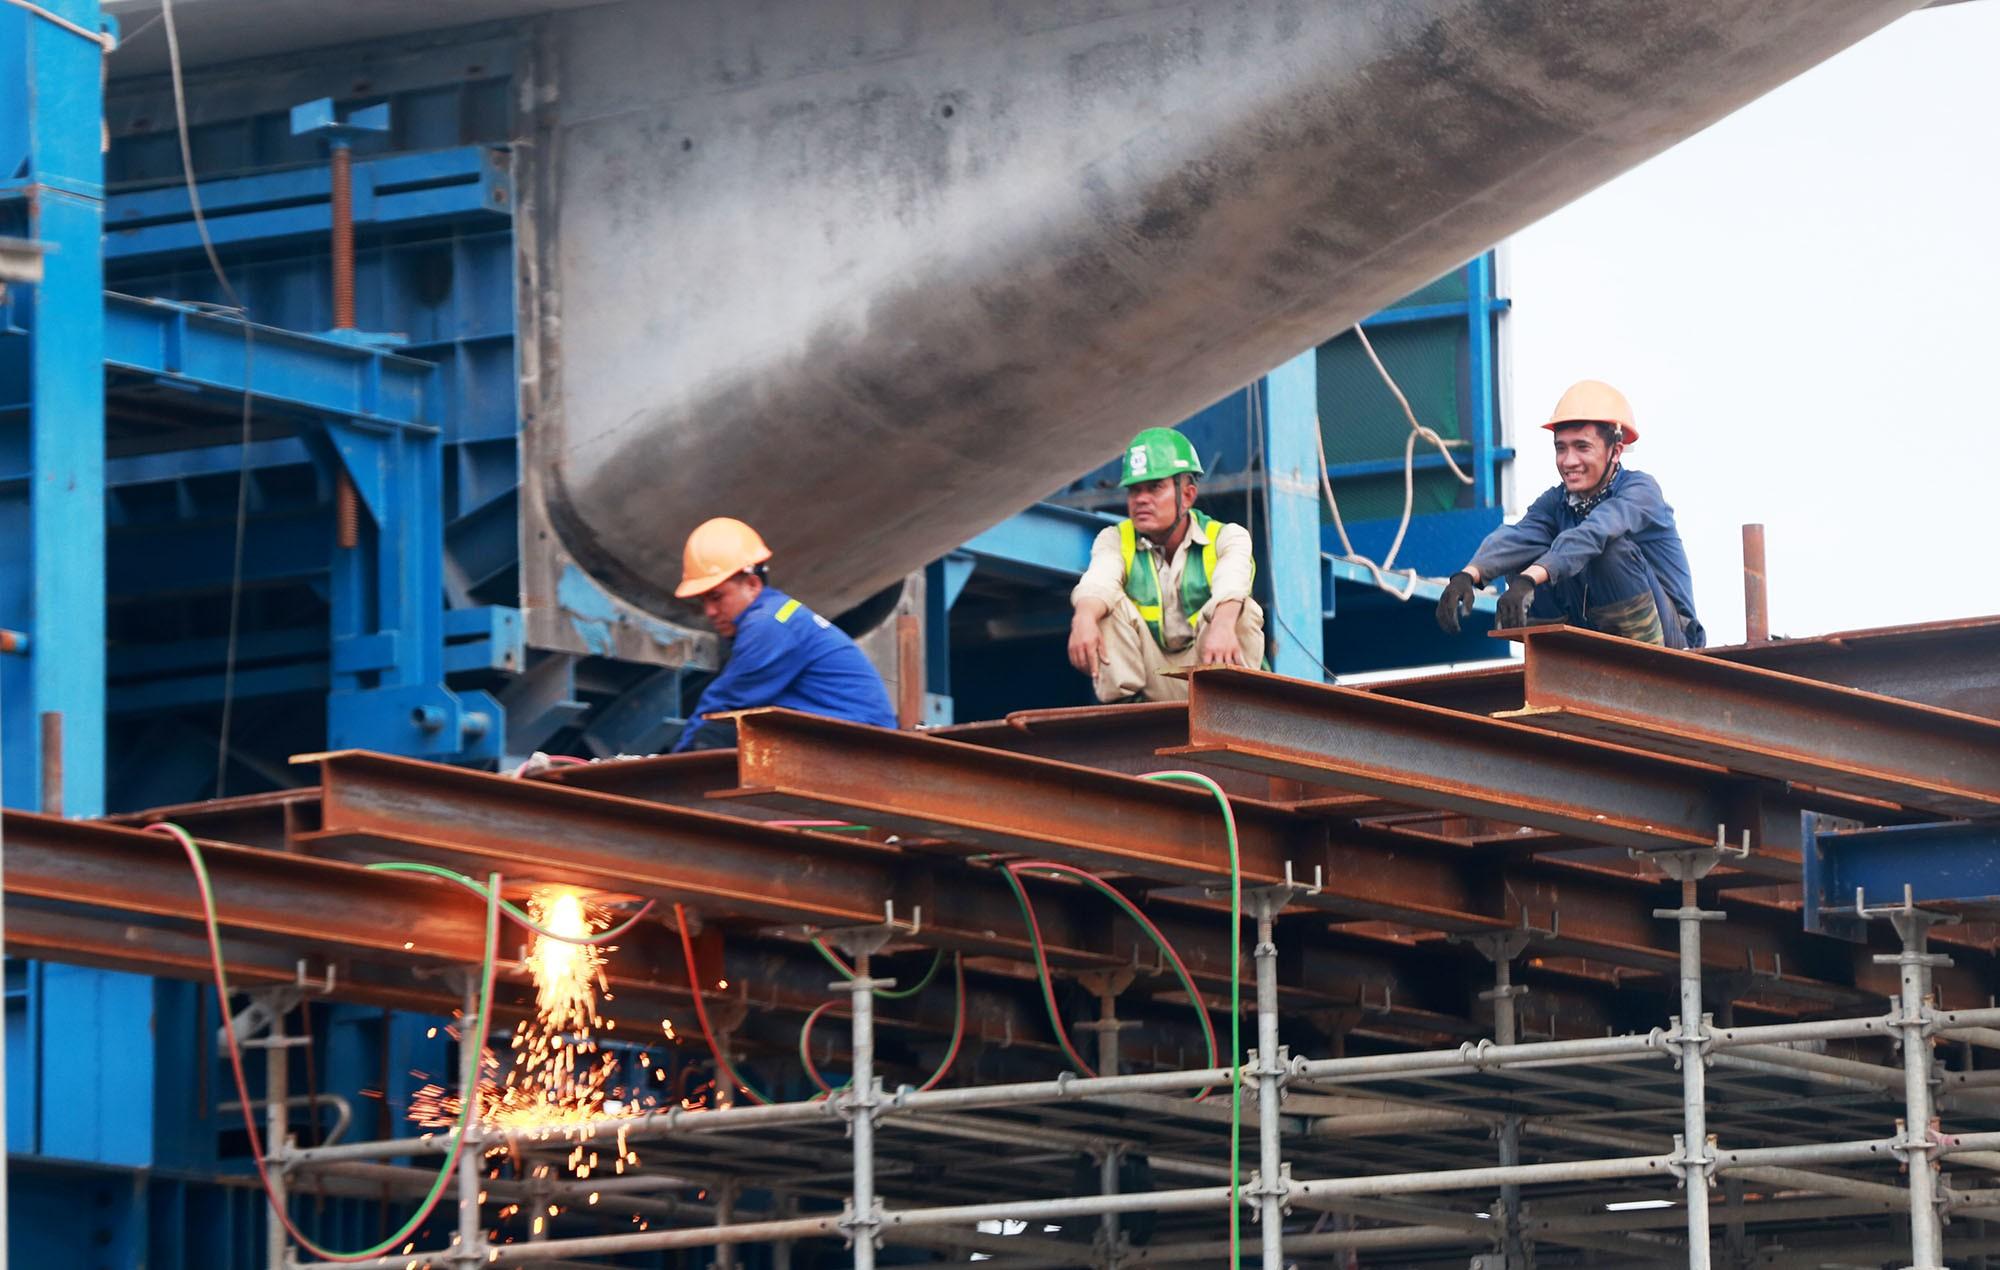 Hà Nội: Đường Phạm Văn Đồng vẫn ngổn ngang hơn 1 năm thi công dự án cao tốc trên cao - Ảnh 13.